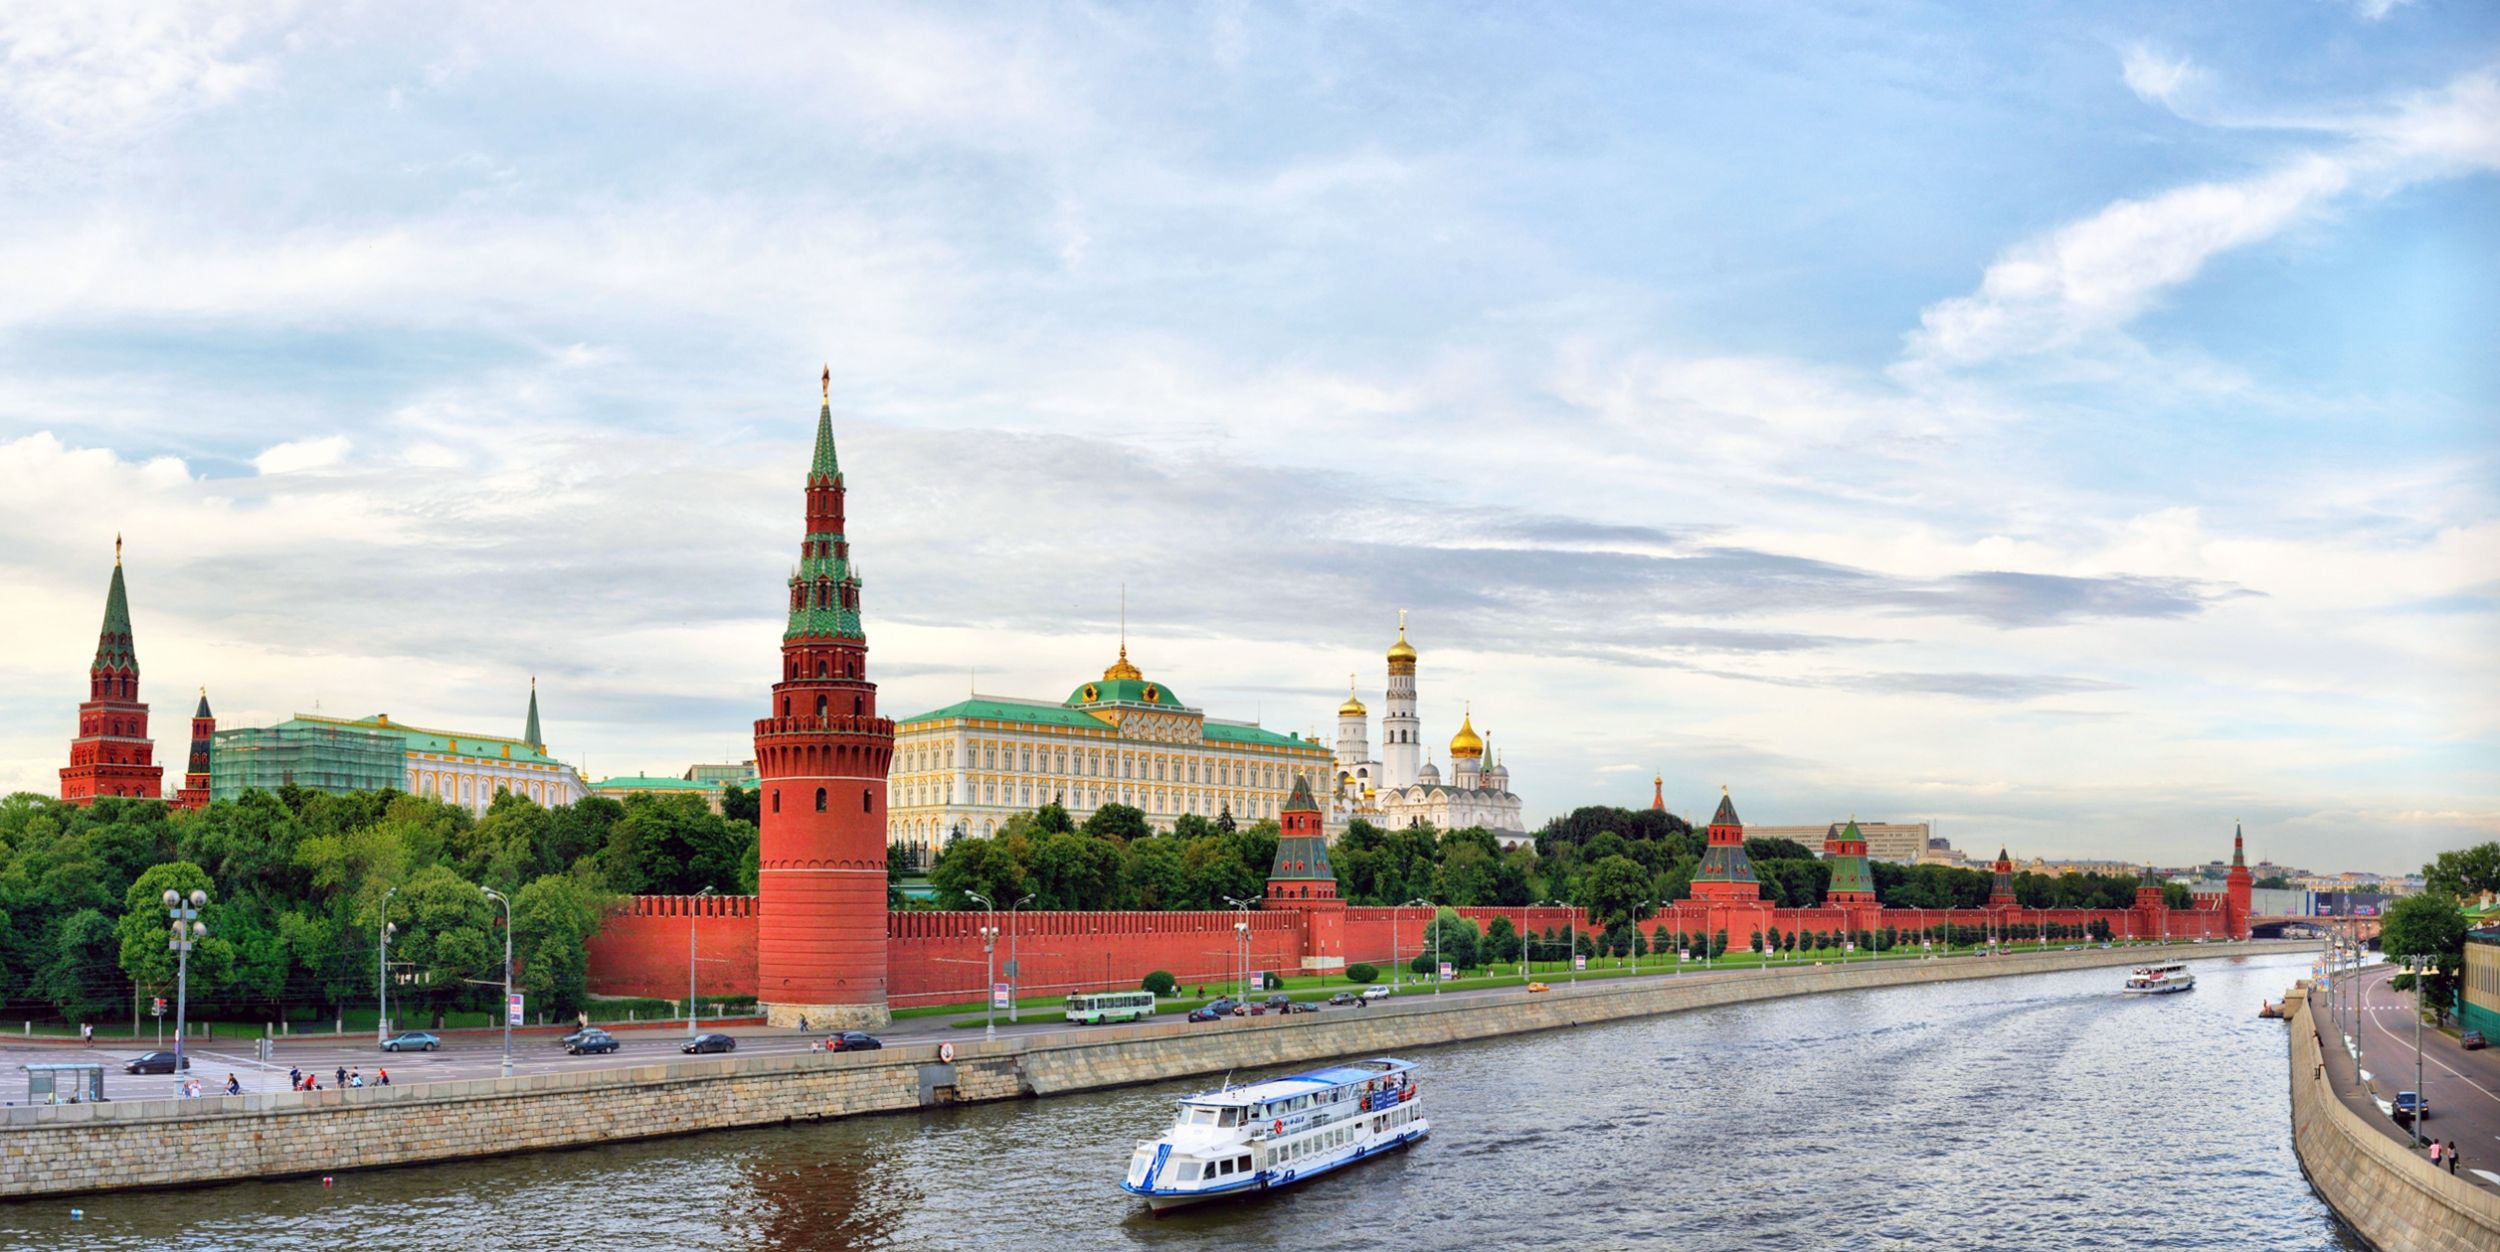 تور روسیه تابستان ۹۵